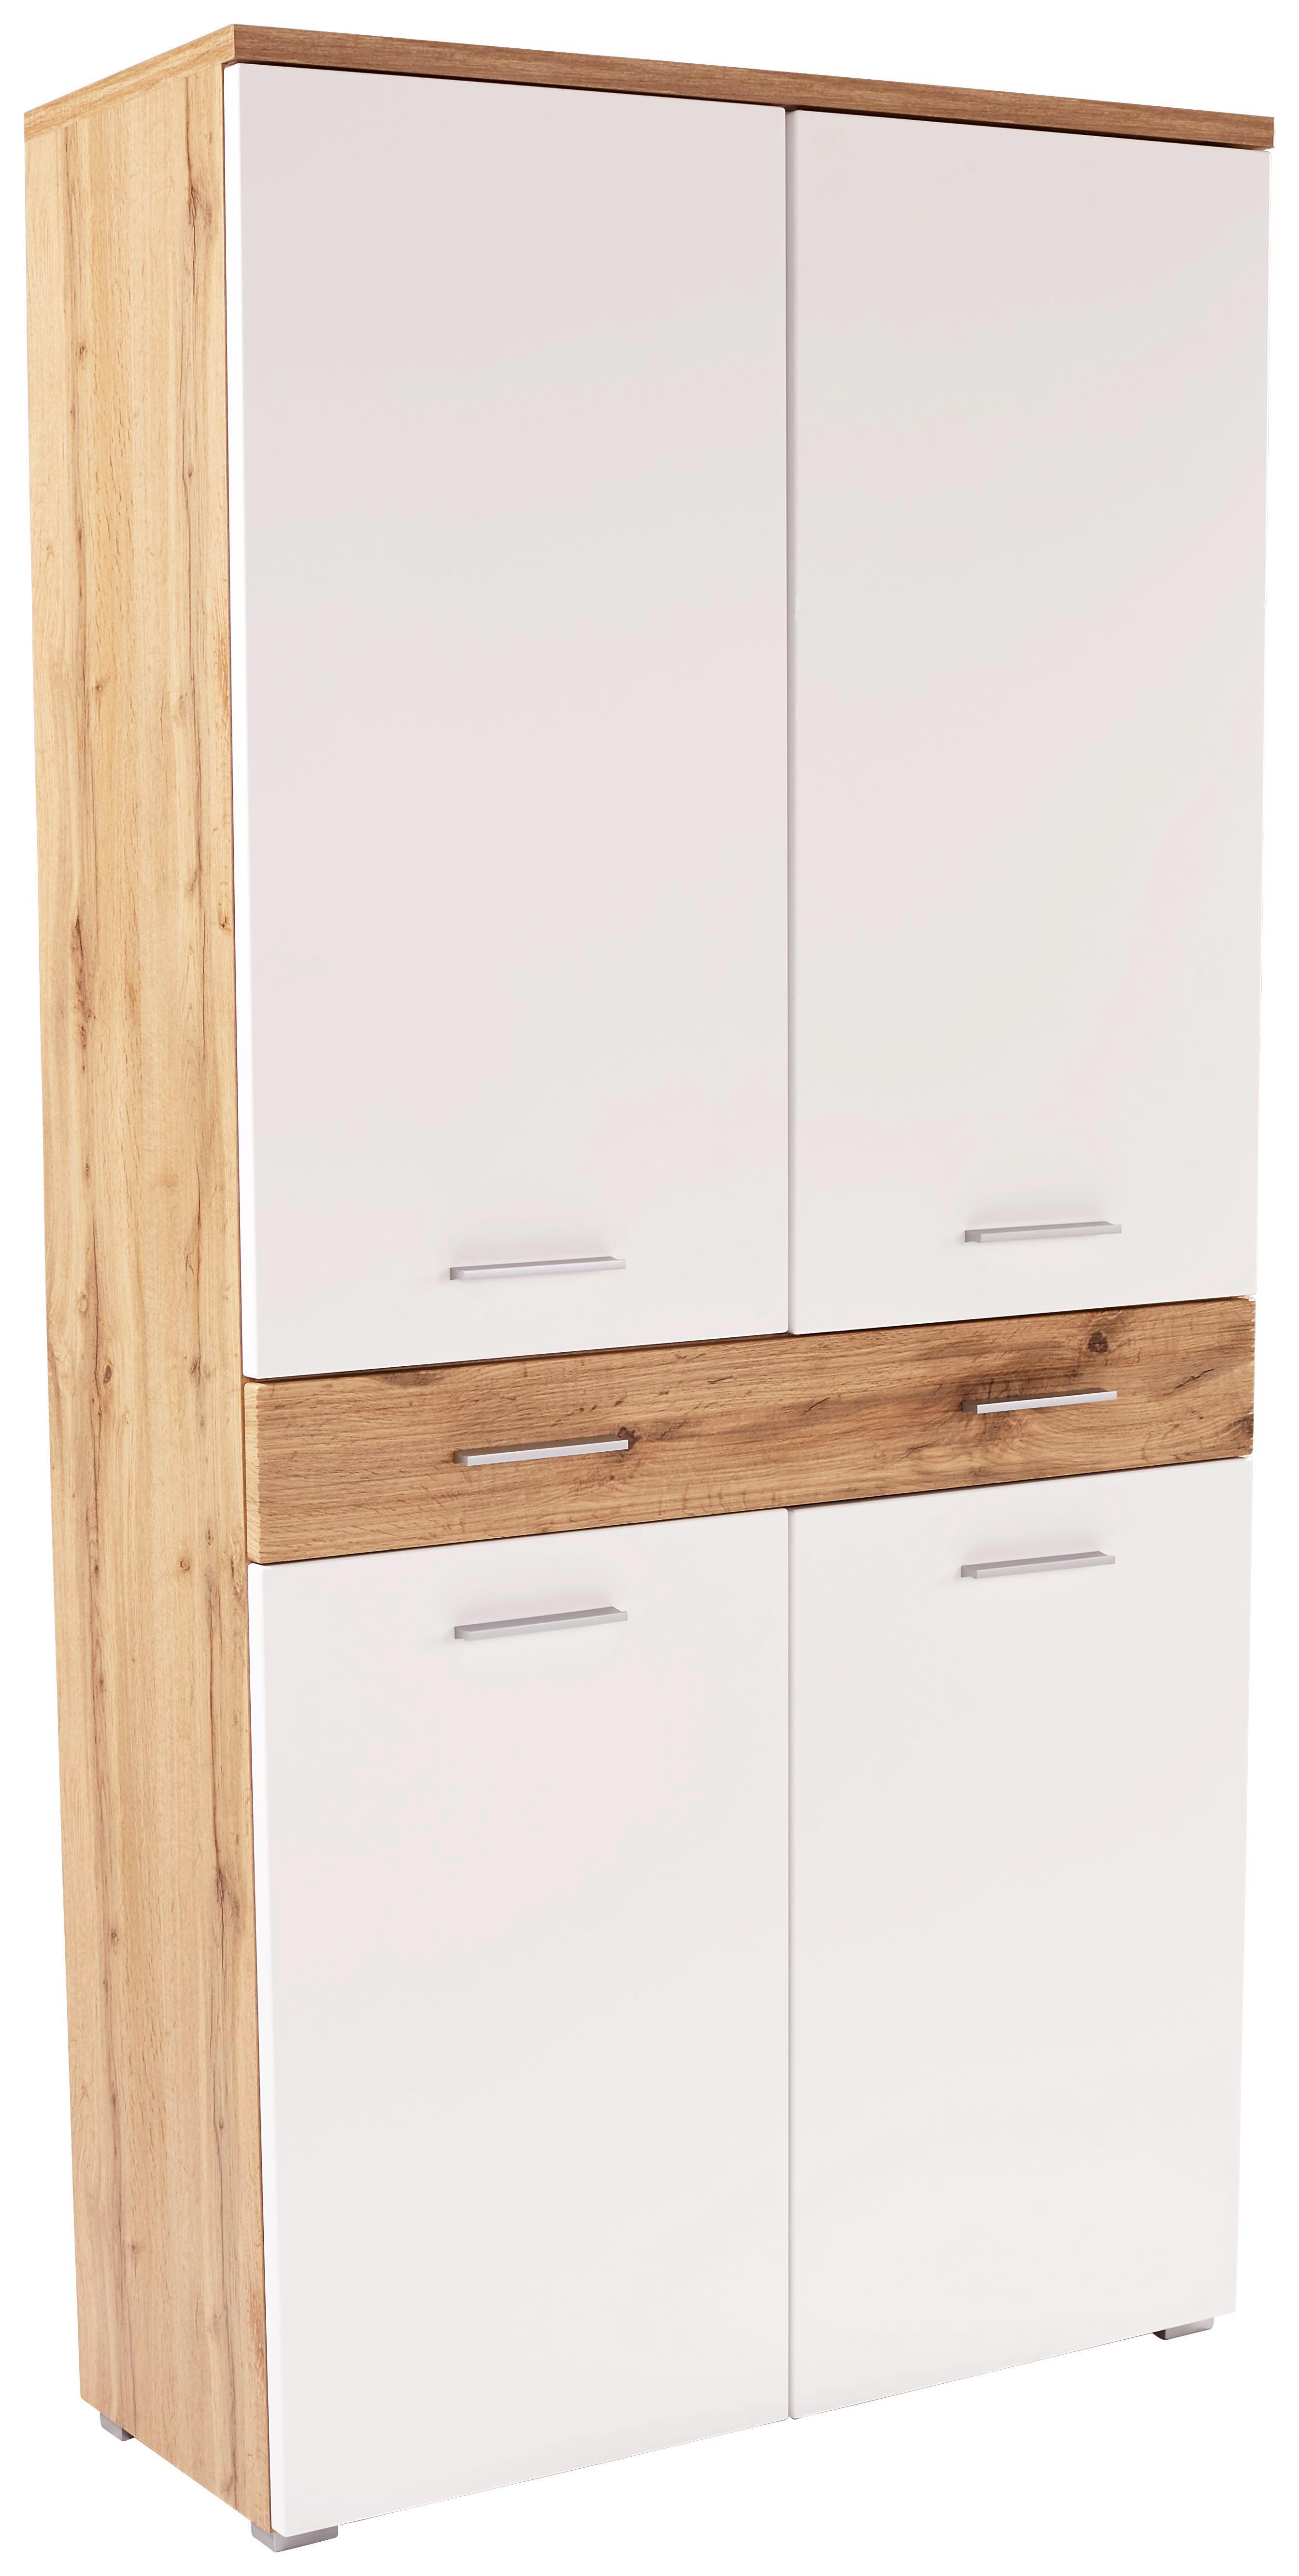 Šatní Skříň Space New - bílá/barvy dubu, Moderní, dřevěný materiál (100/199/35cm)